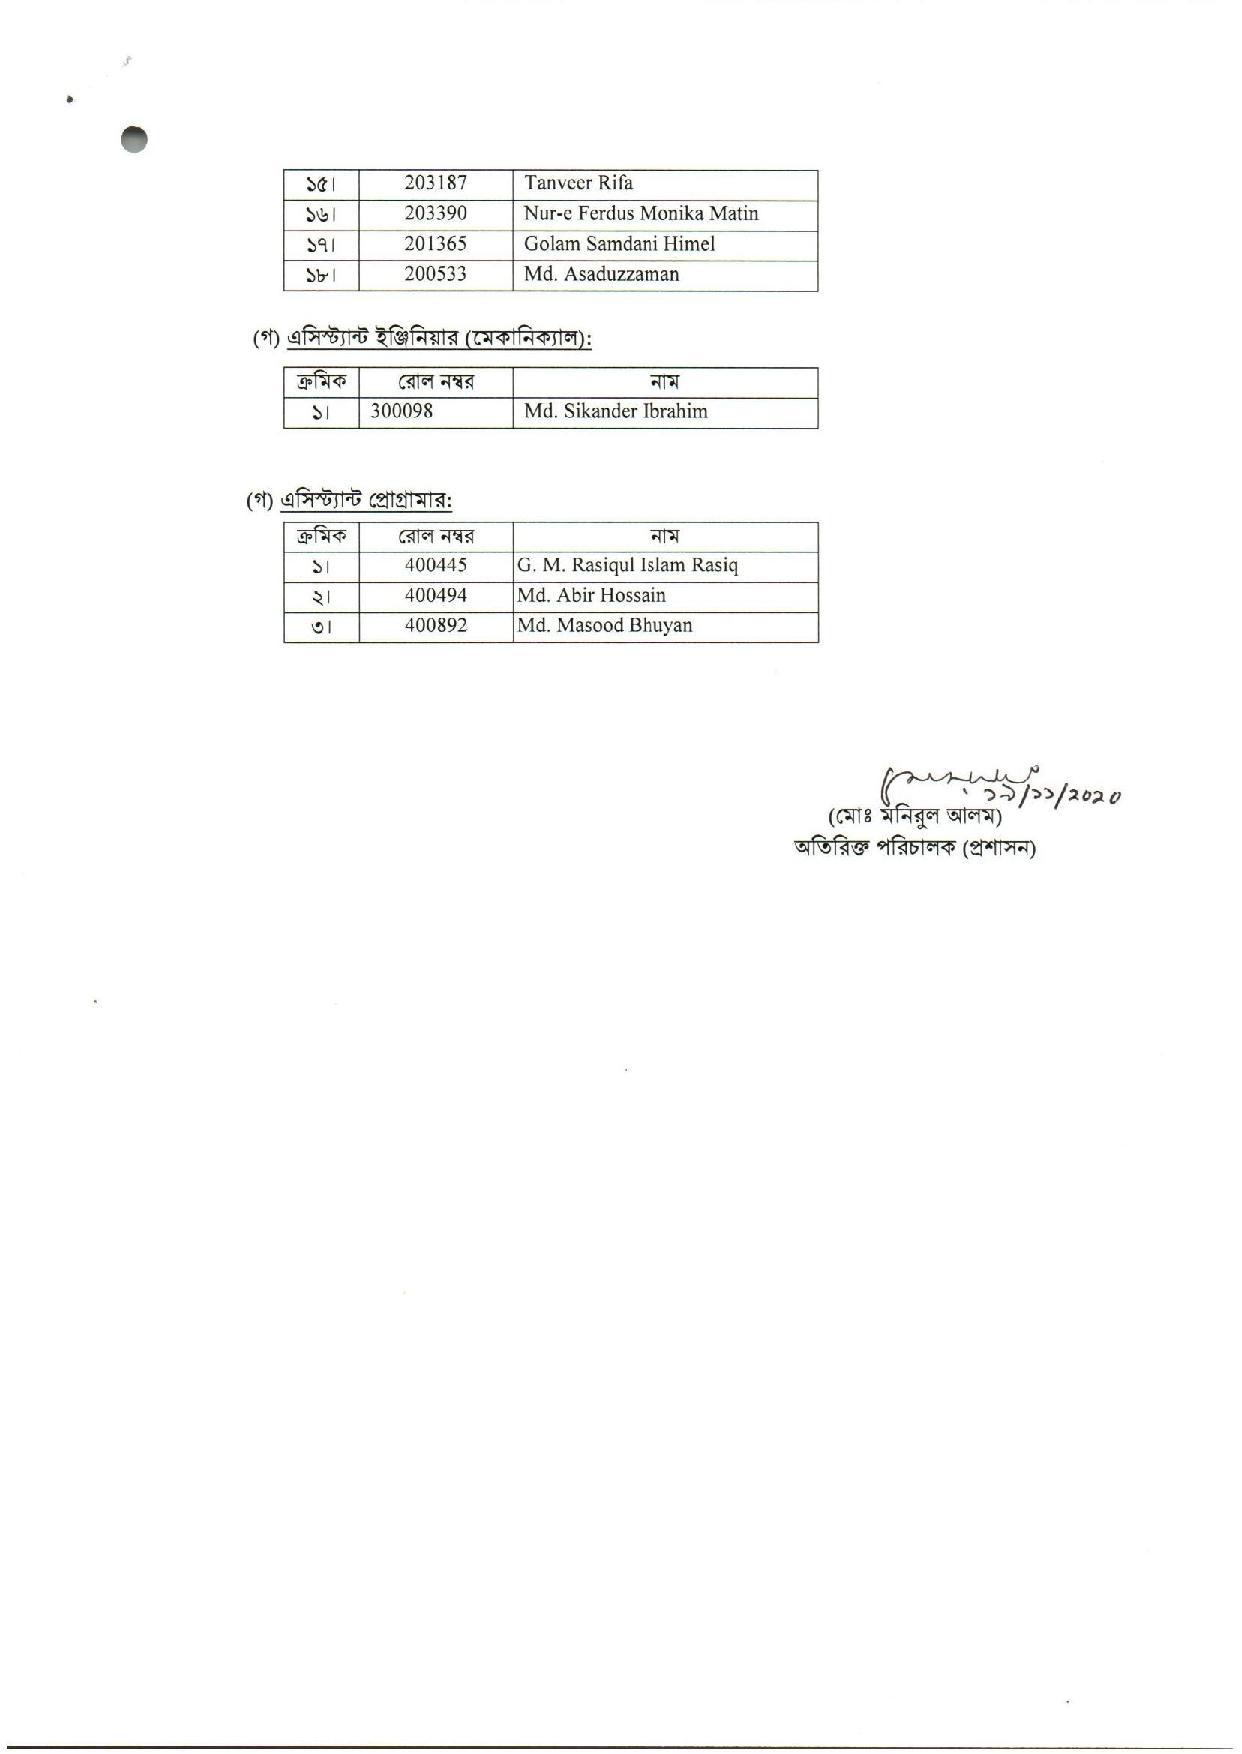 bba job exam result